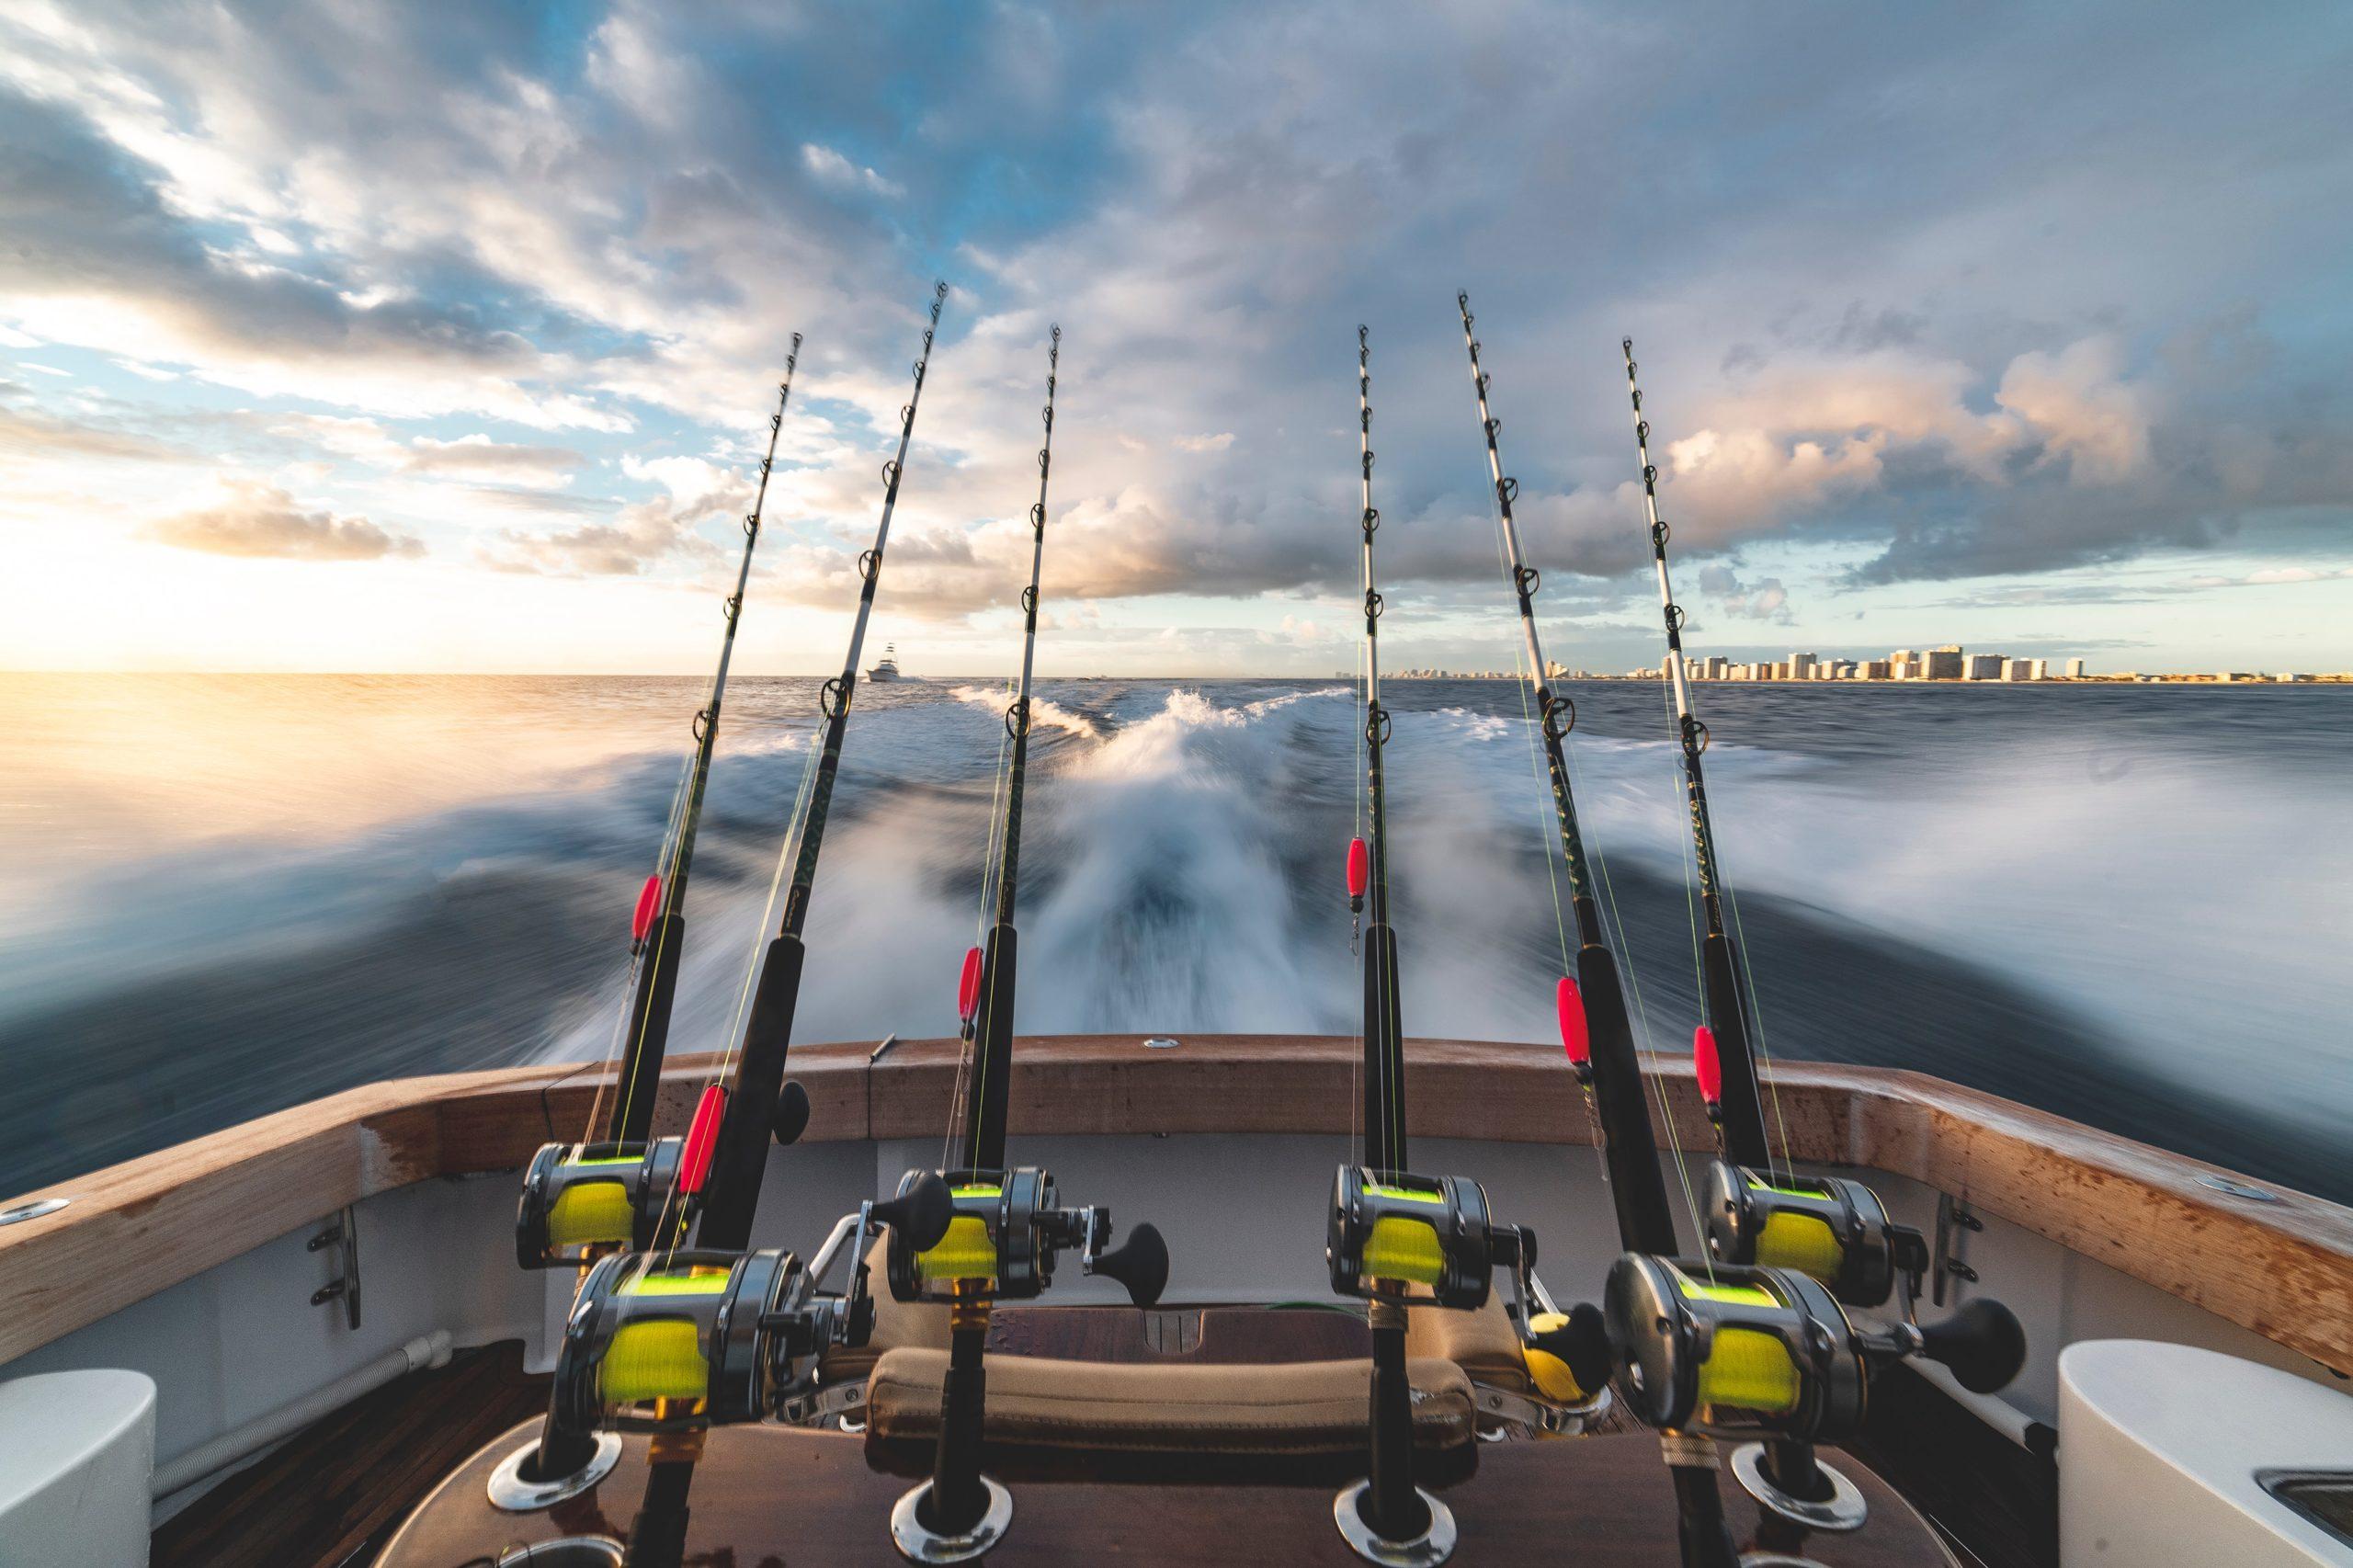 釣りビジョンVODの使い方や設定方法のまとめページ